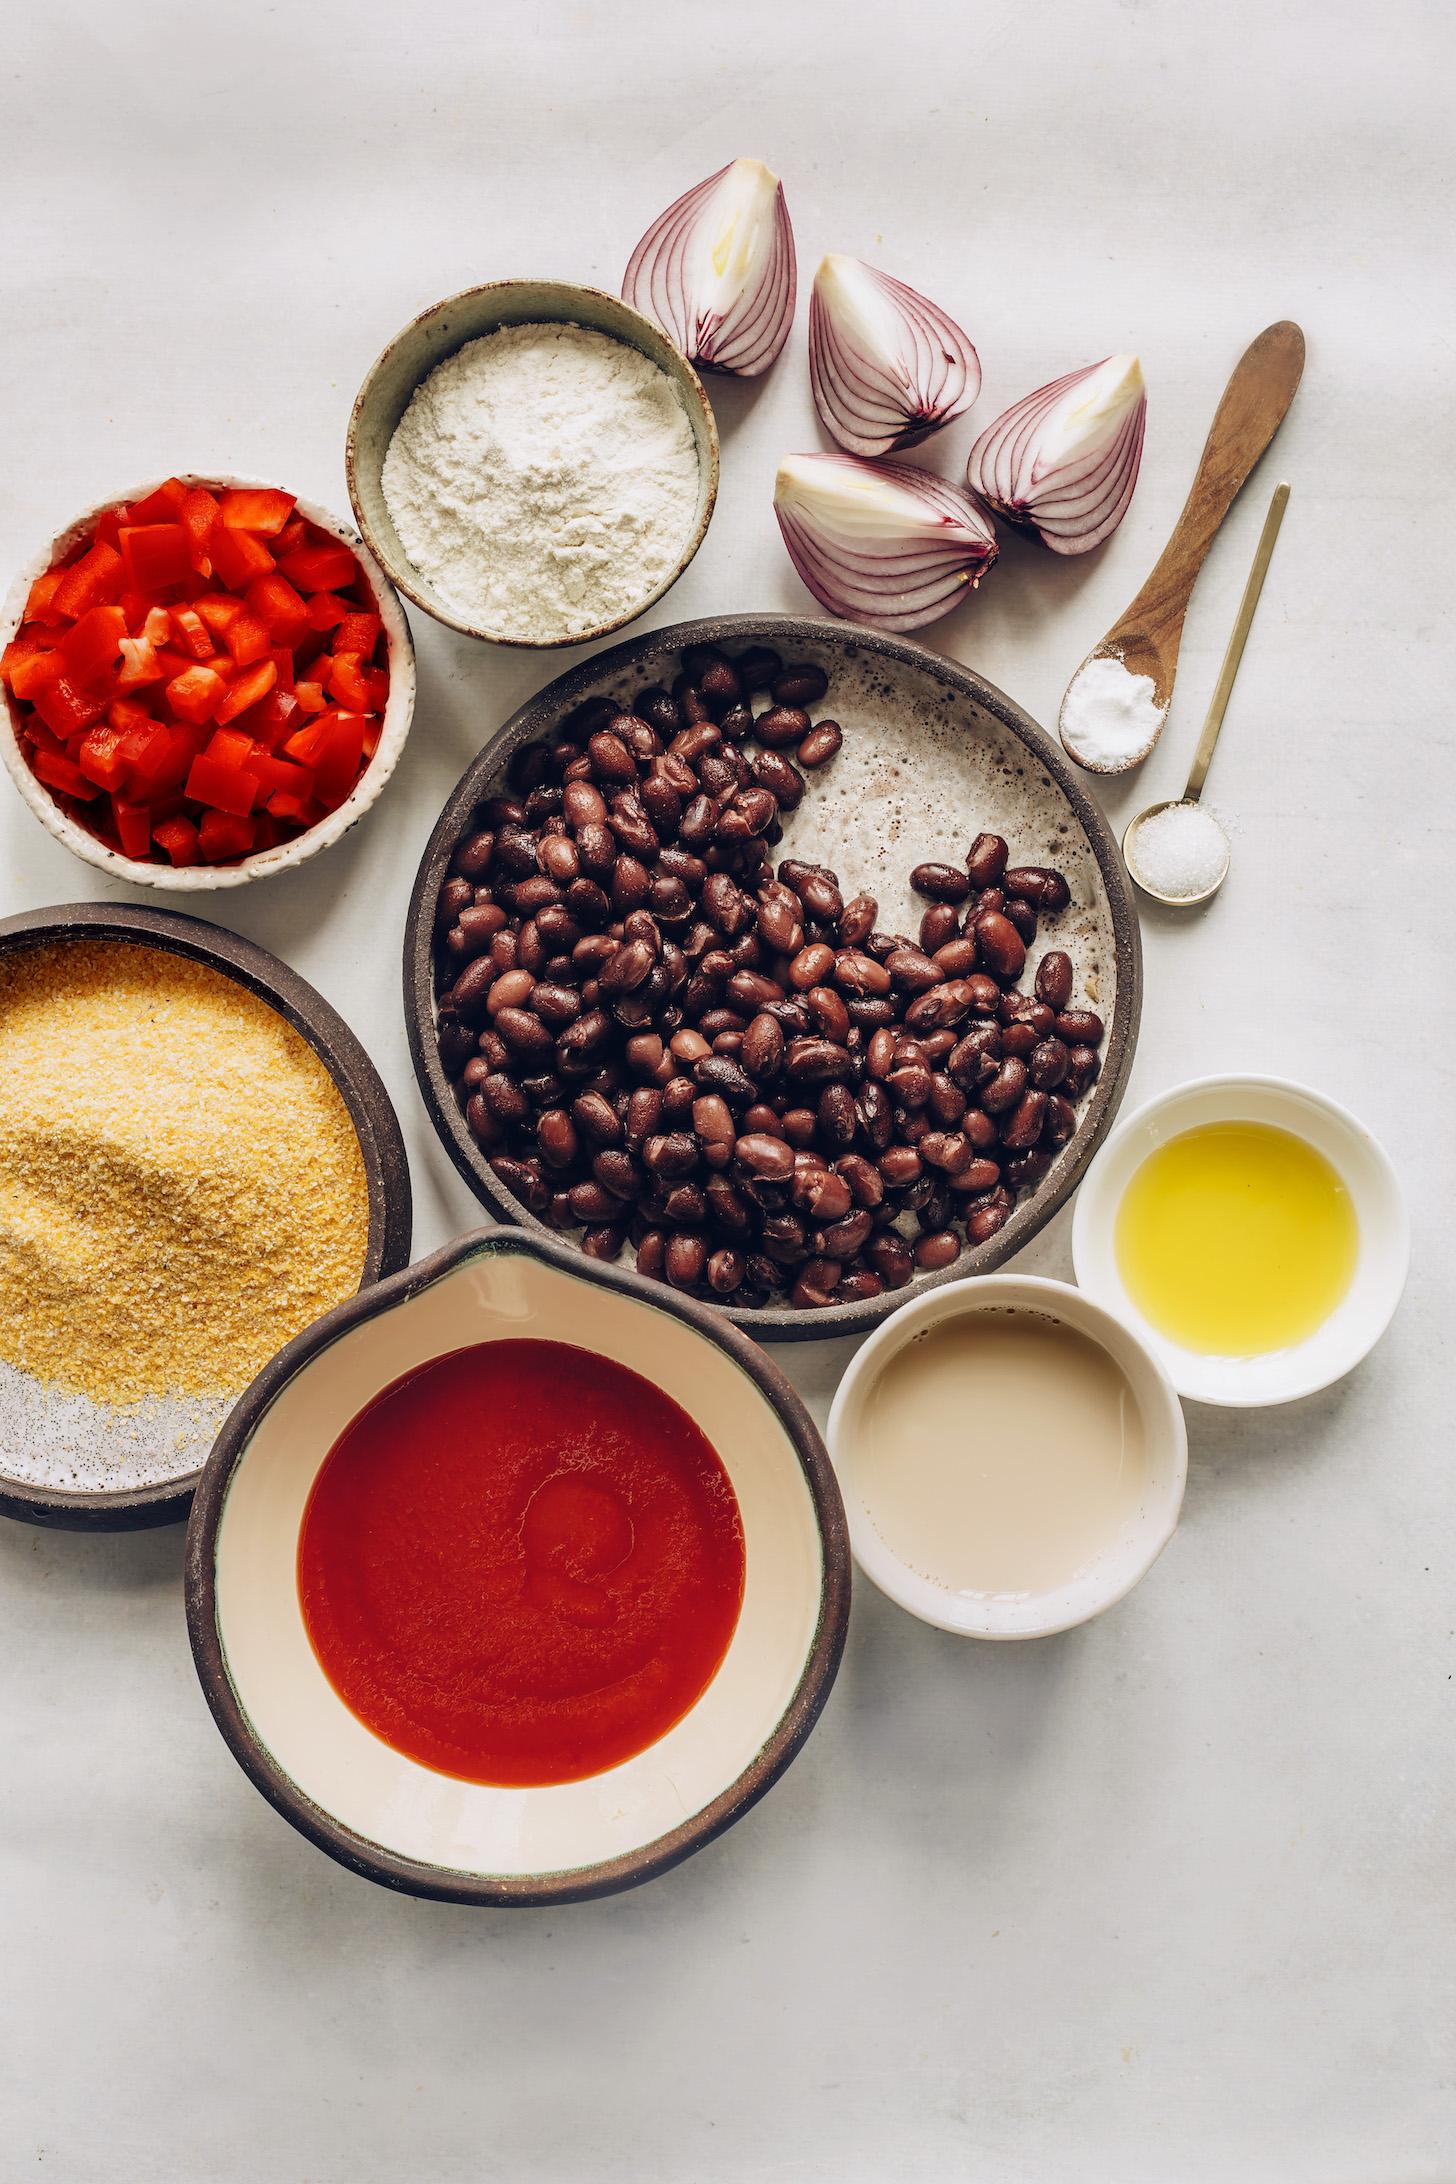 Cebolla roja, harina, pimiento morrón, frijoles negros, harina de maíz, salsa para enchiladas, leche sin lácteos y aceite de aguacate